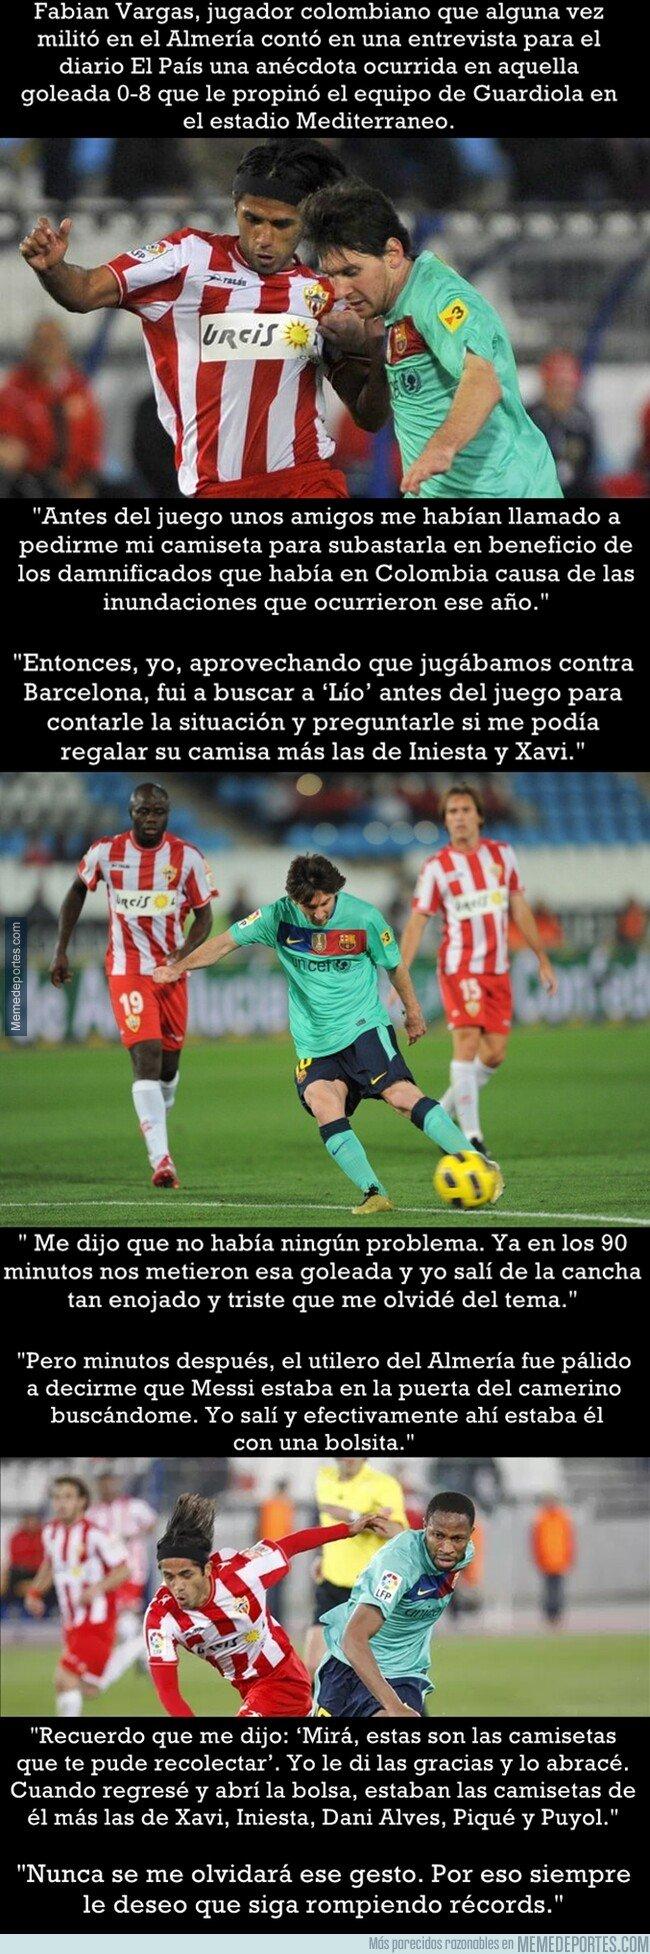 1073565 - La genial anécdota sobre Messi narrada por Fabian Vargas